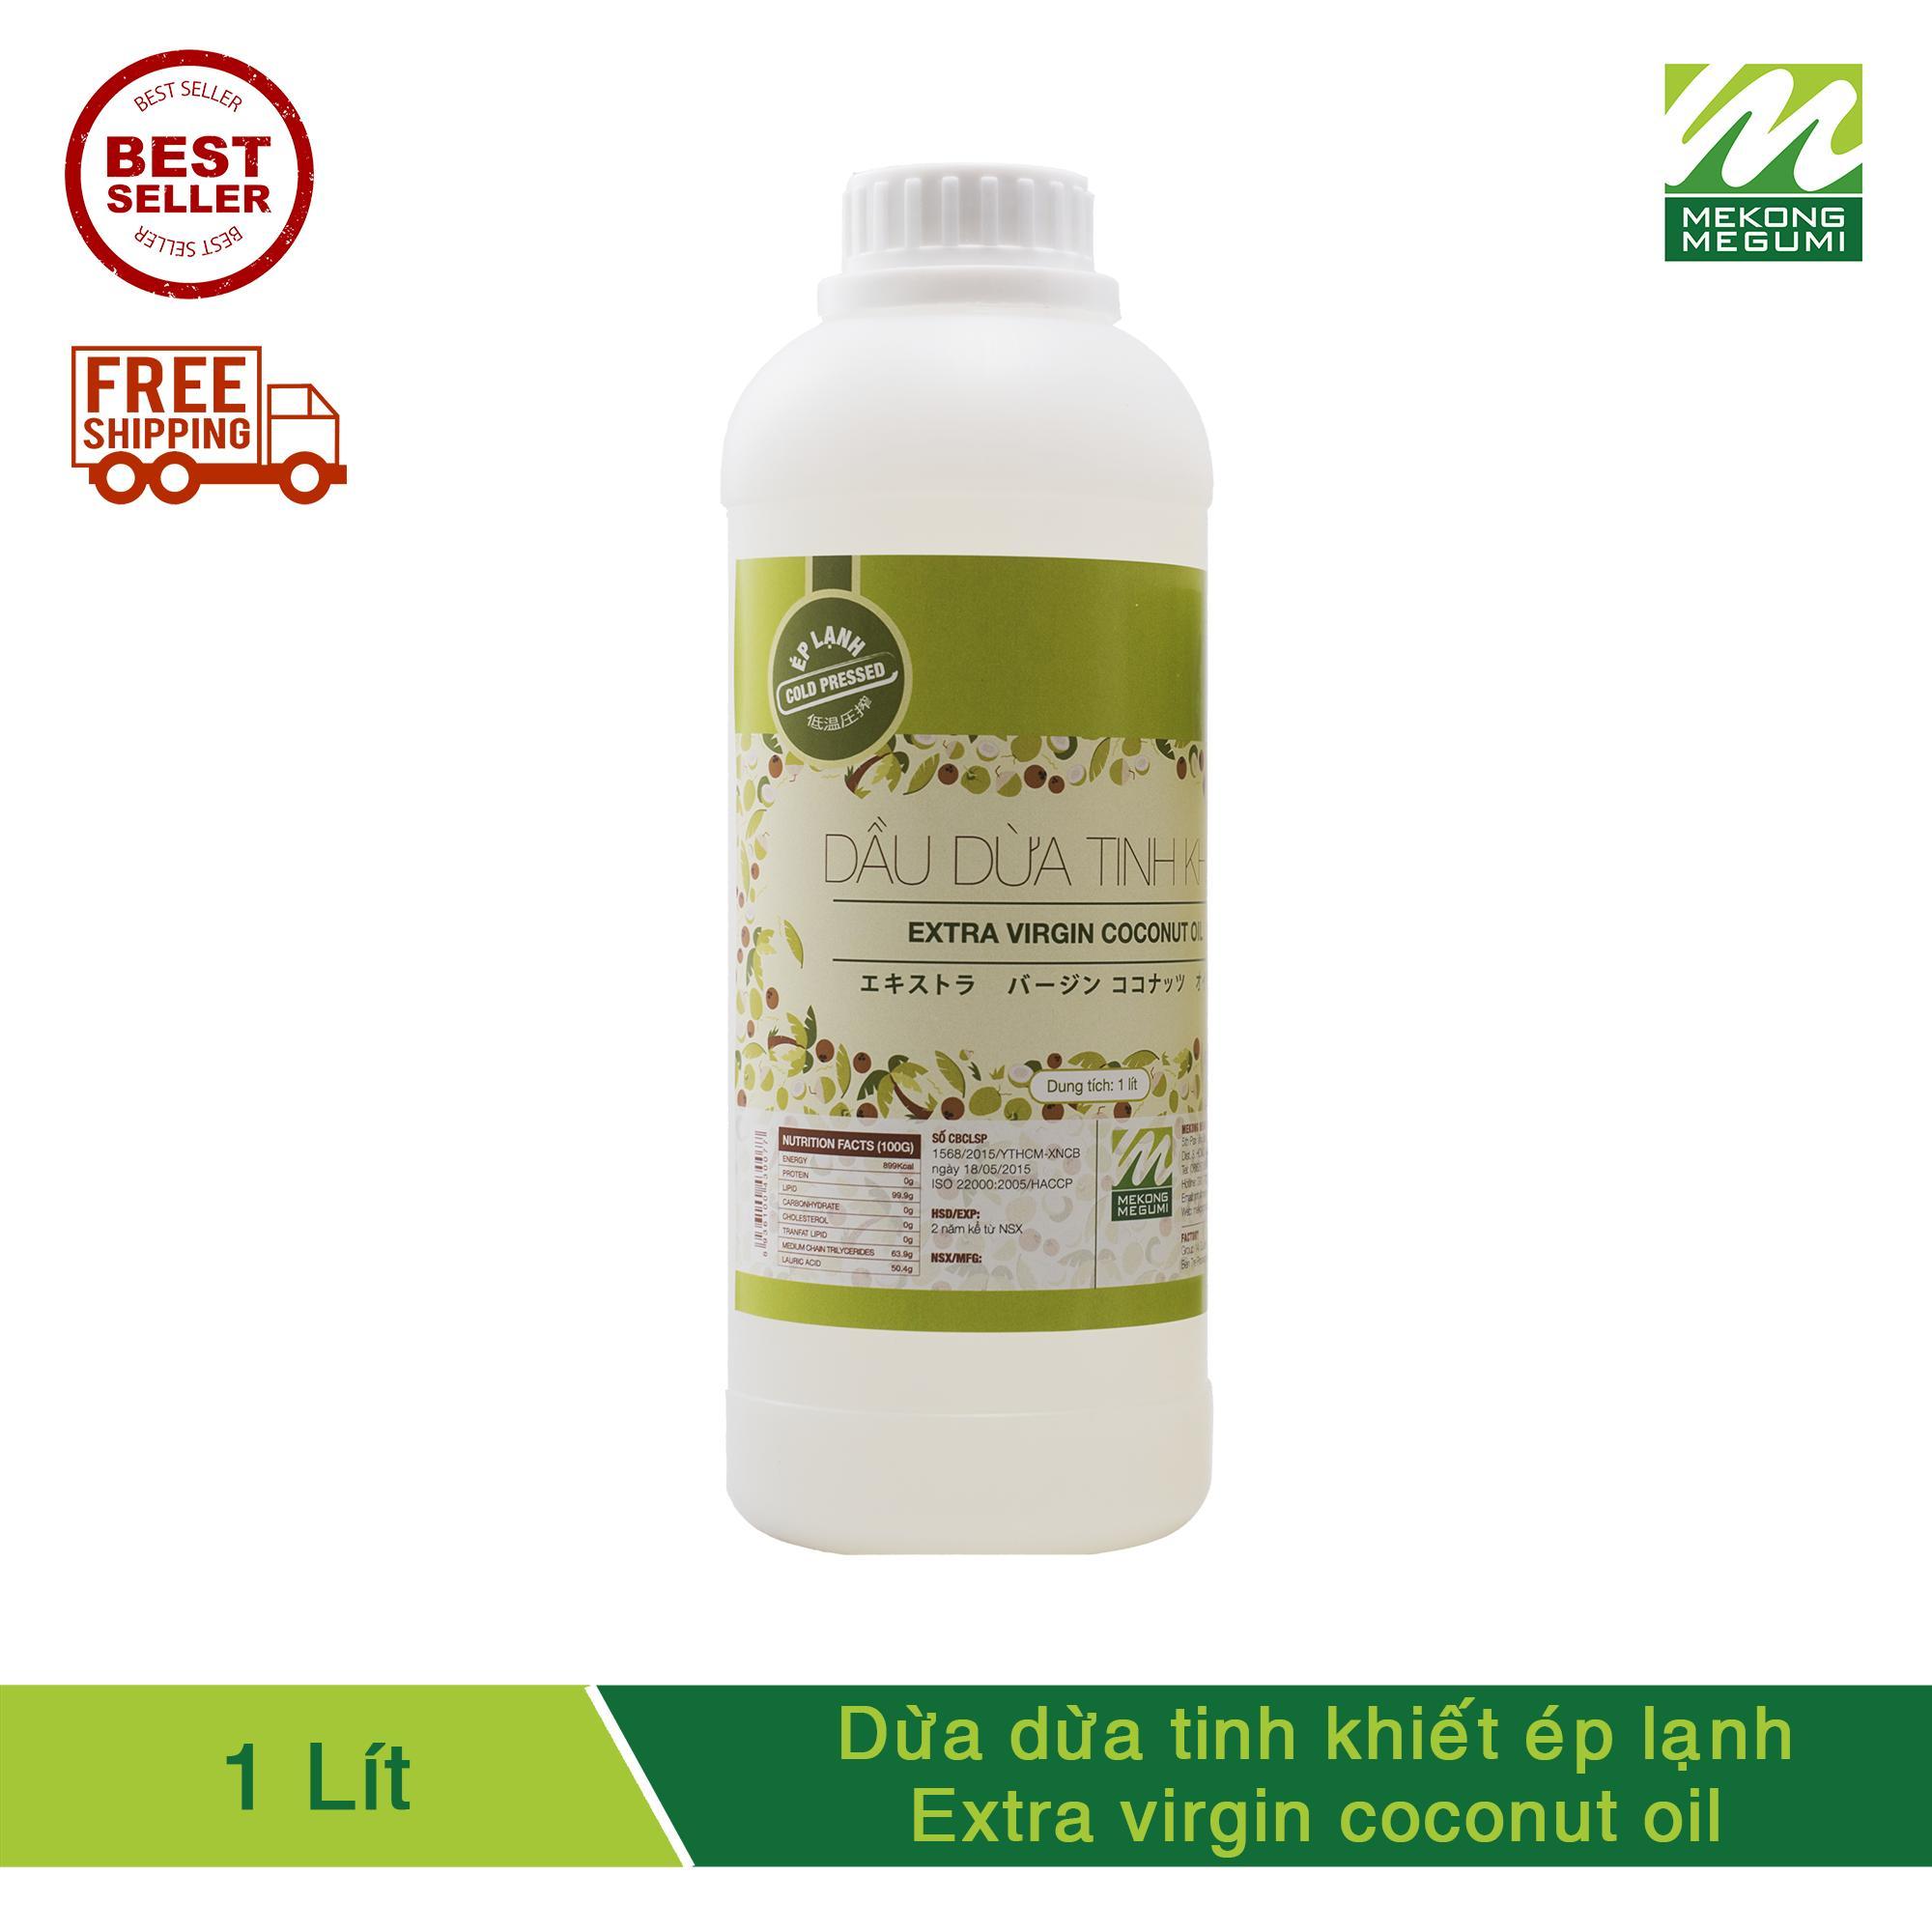 DẦU DỪA TINH KHIẾT ÉP LẠNH MEKÔNG MEGUMI (Extra Virgin Coconut Oil) _ 1 LÍT tốt nhất